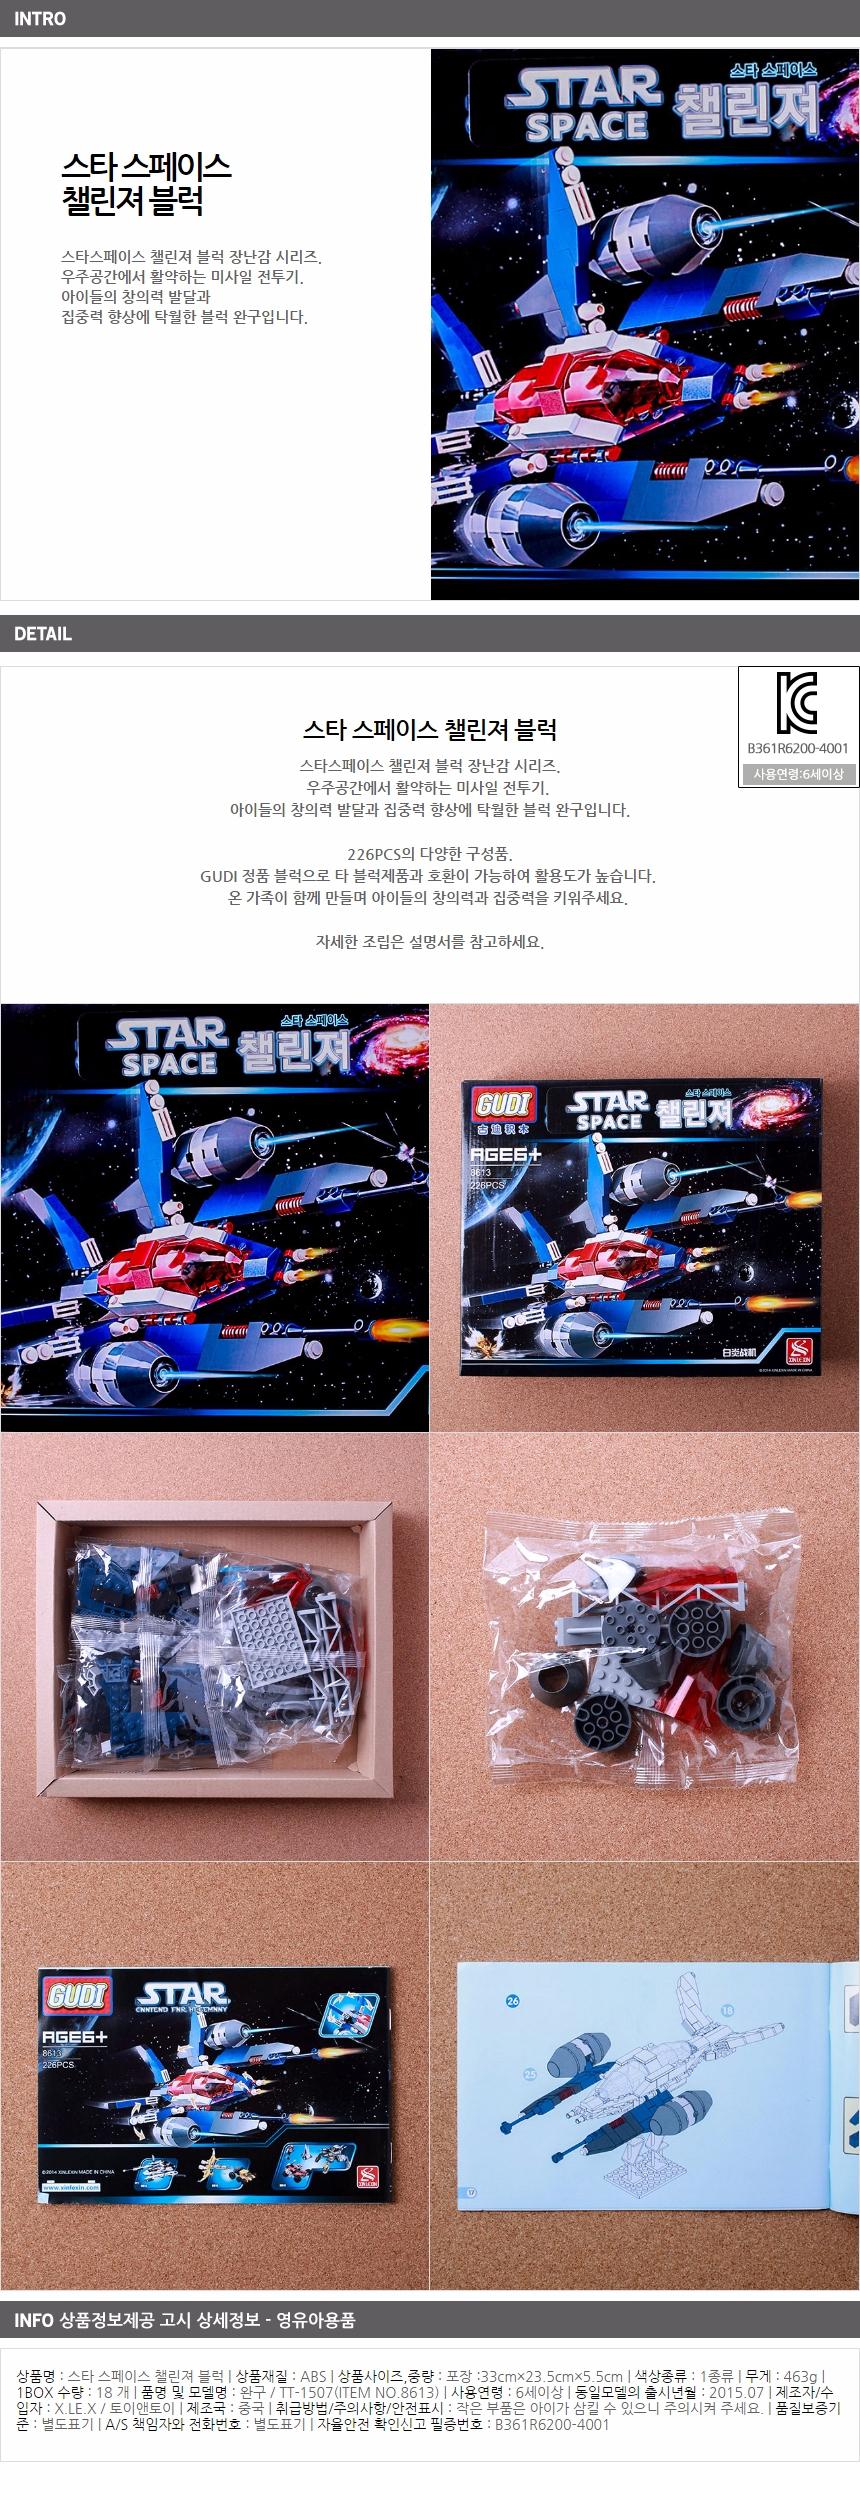 우주선 블록 교구 완구 장난감 블럭놀이 - 기프트갓, 13,550원, 장난감, 장난감